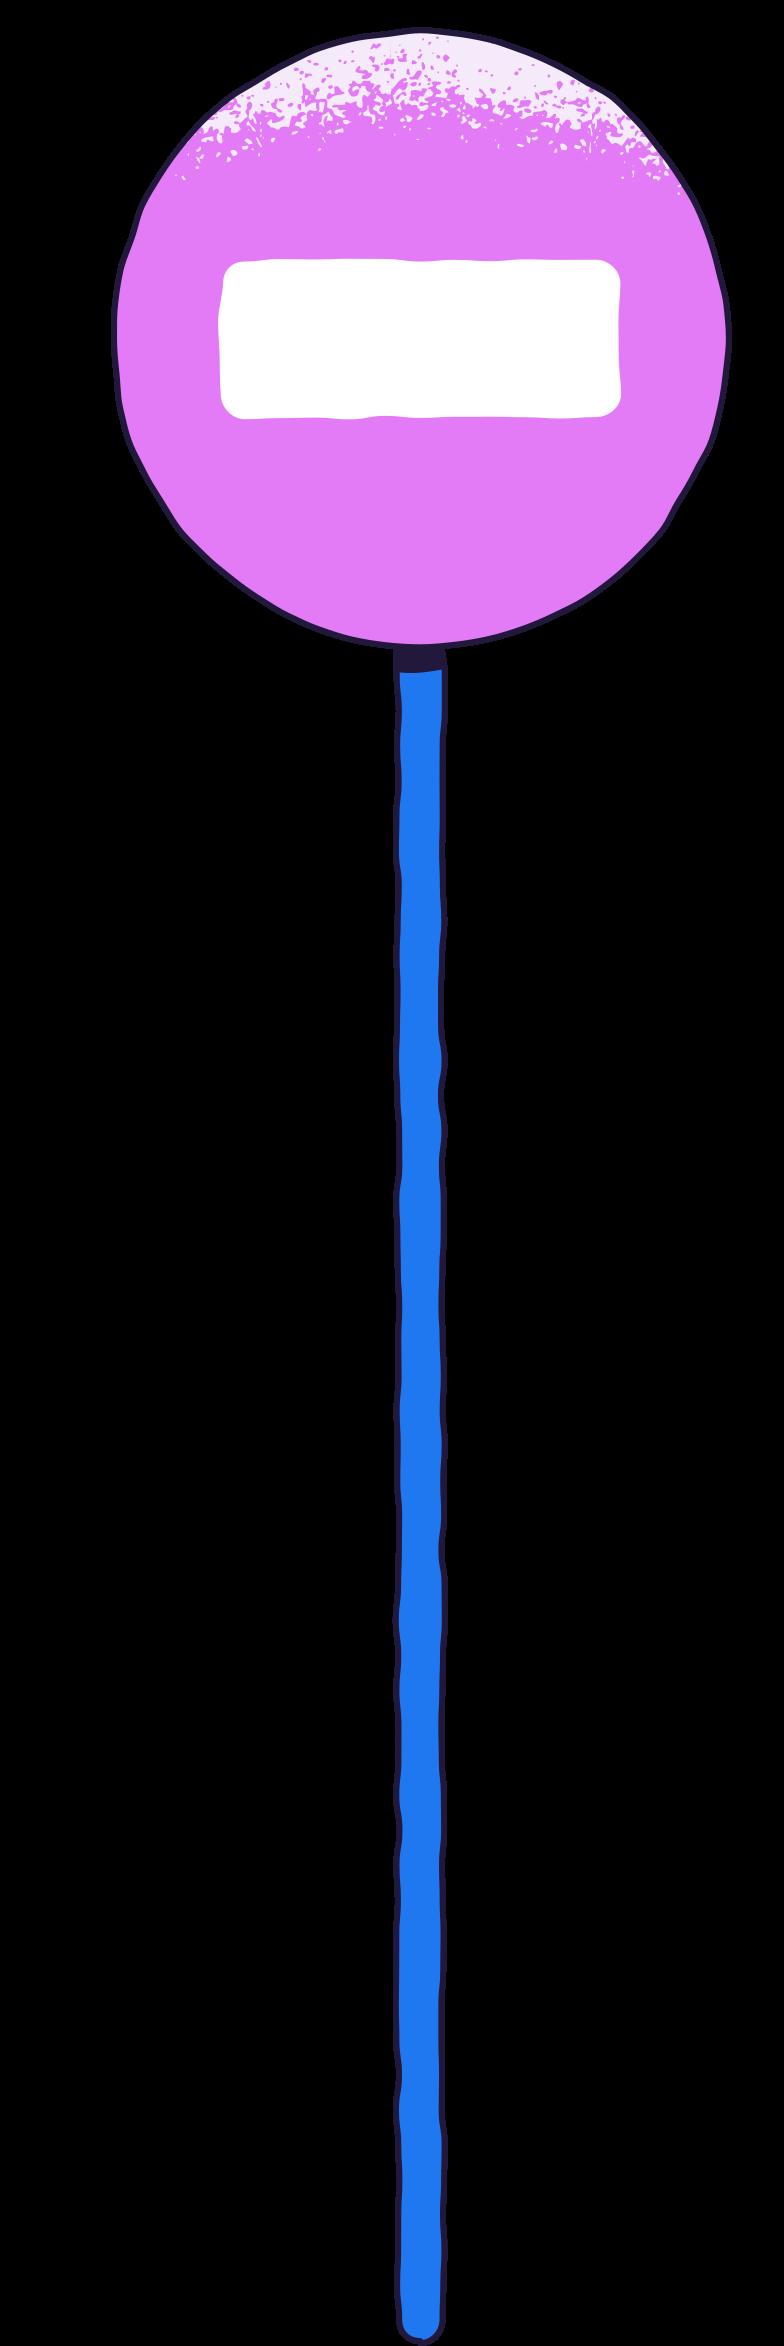 road sign do not enter Clipart illustration in PNG, SVG